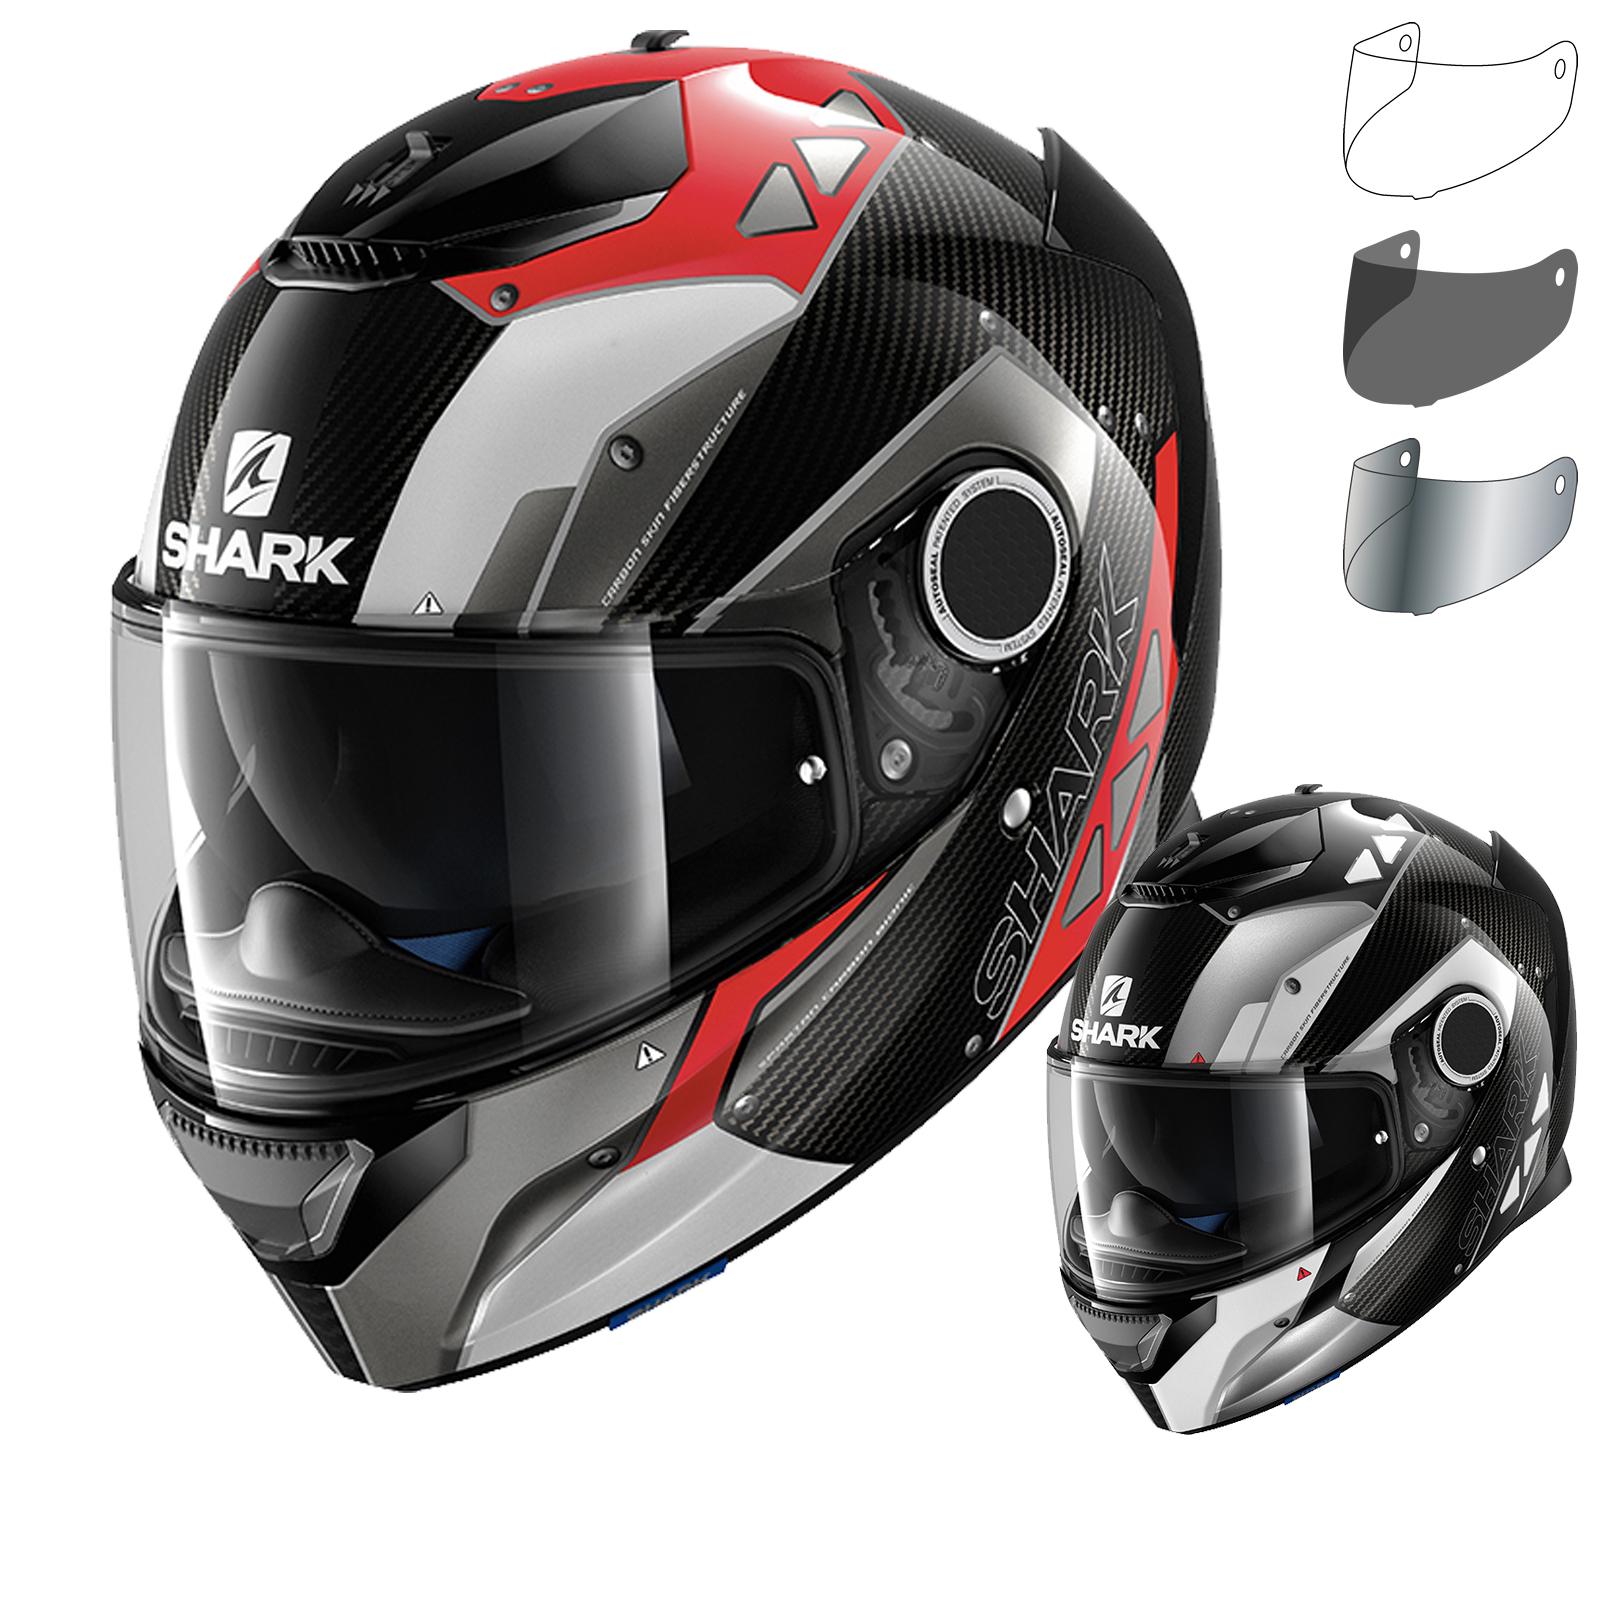 shark spartan carbon bionic motorcycle helmet visor. Black Bedroom Furniture Sets. Home Design Ideas